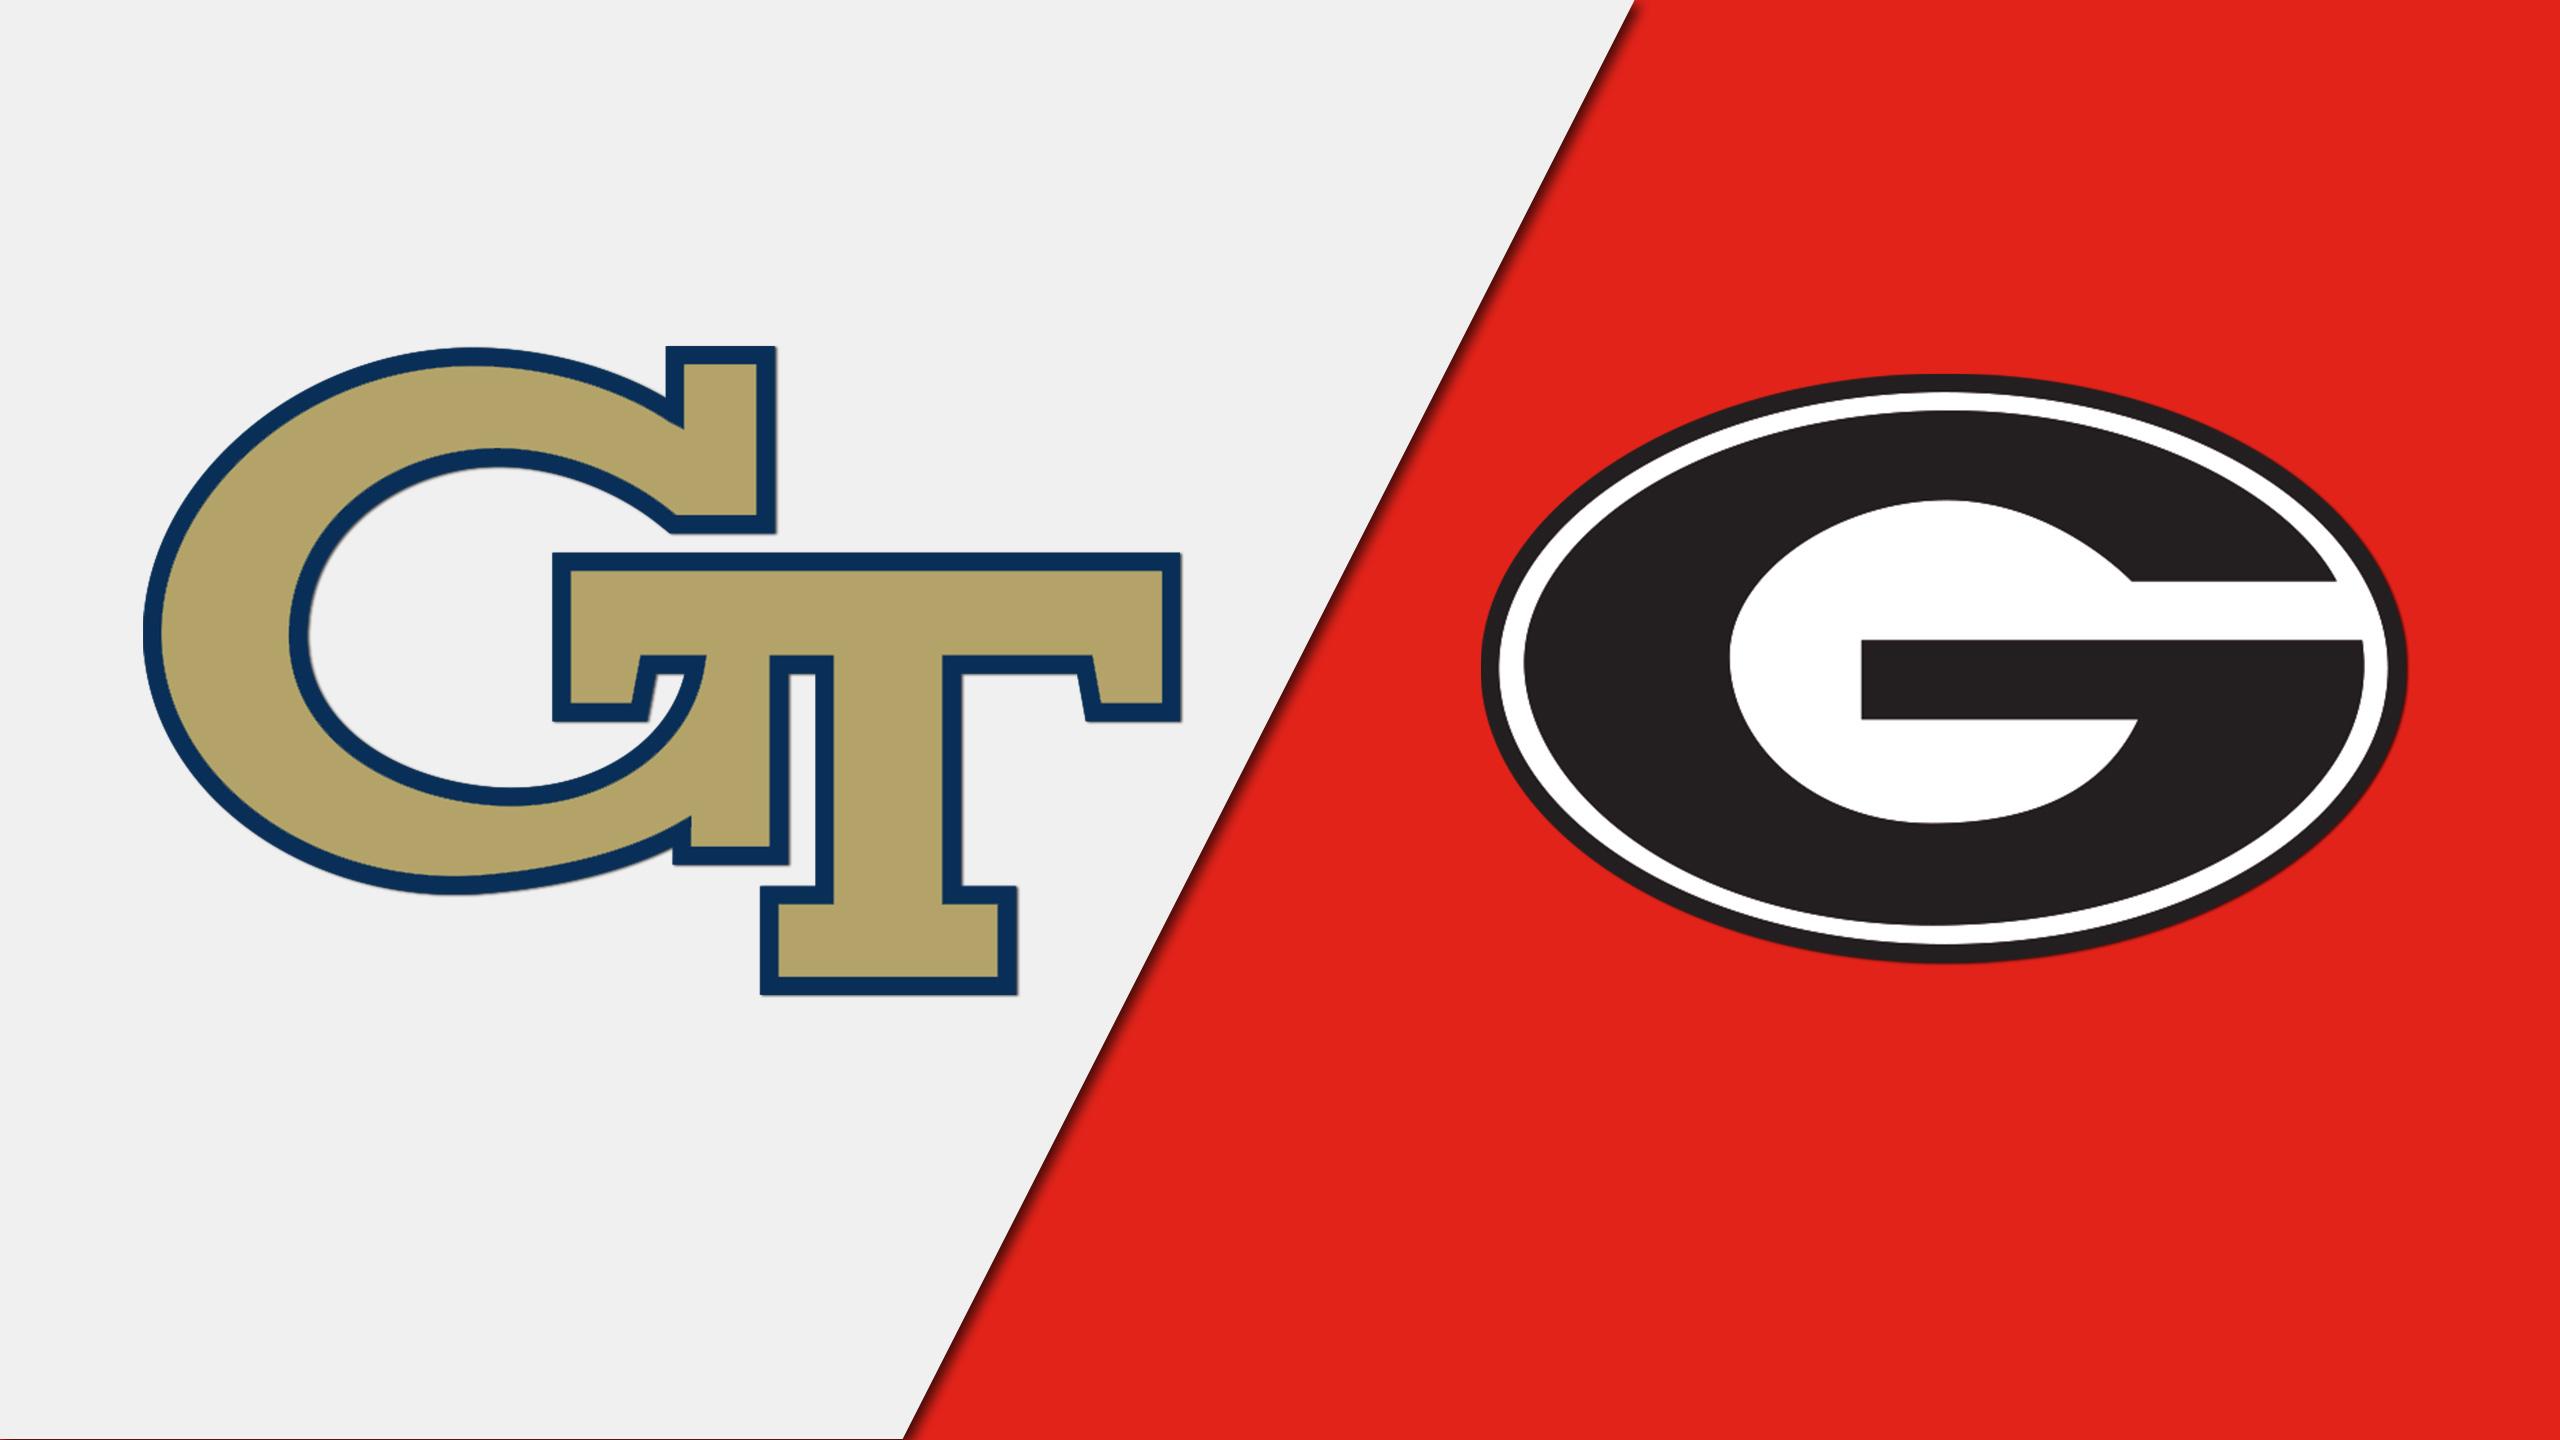 Georgia Tech vs. #22 Georgia (Softball)